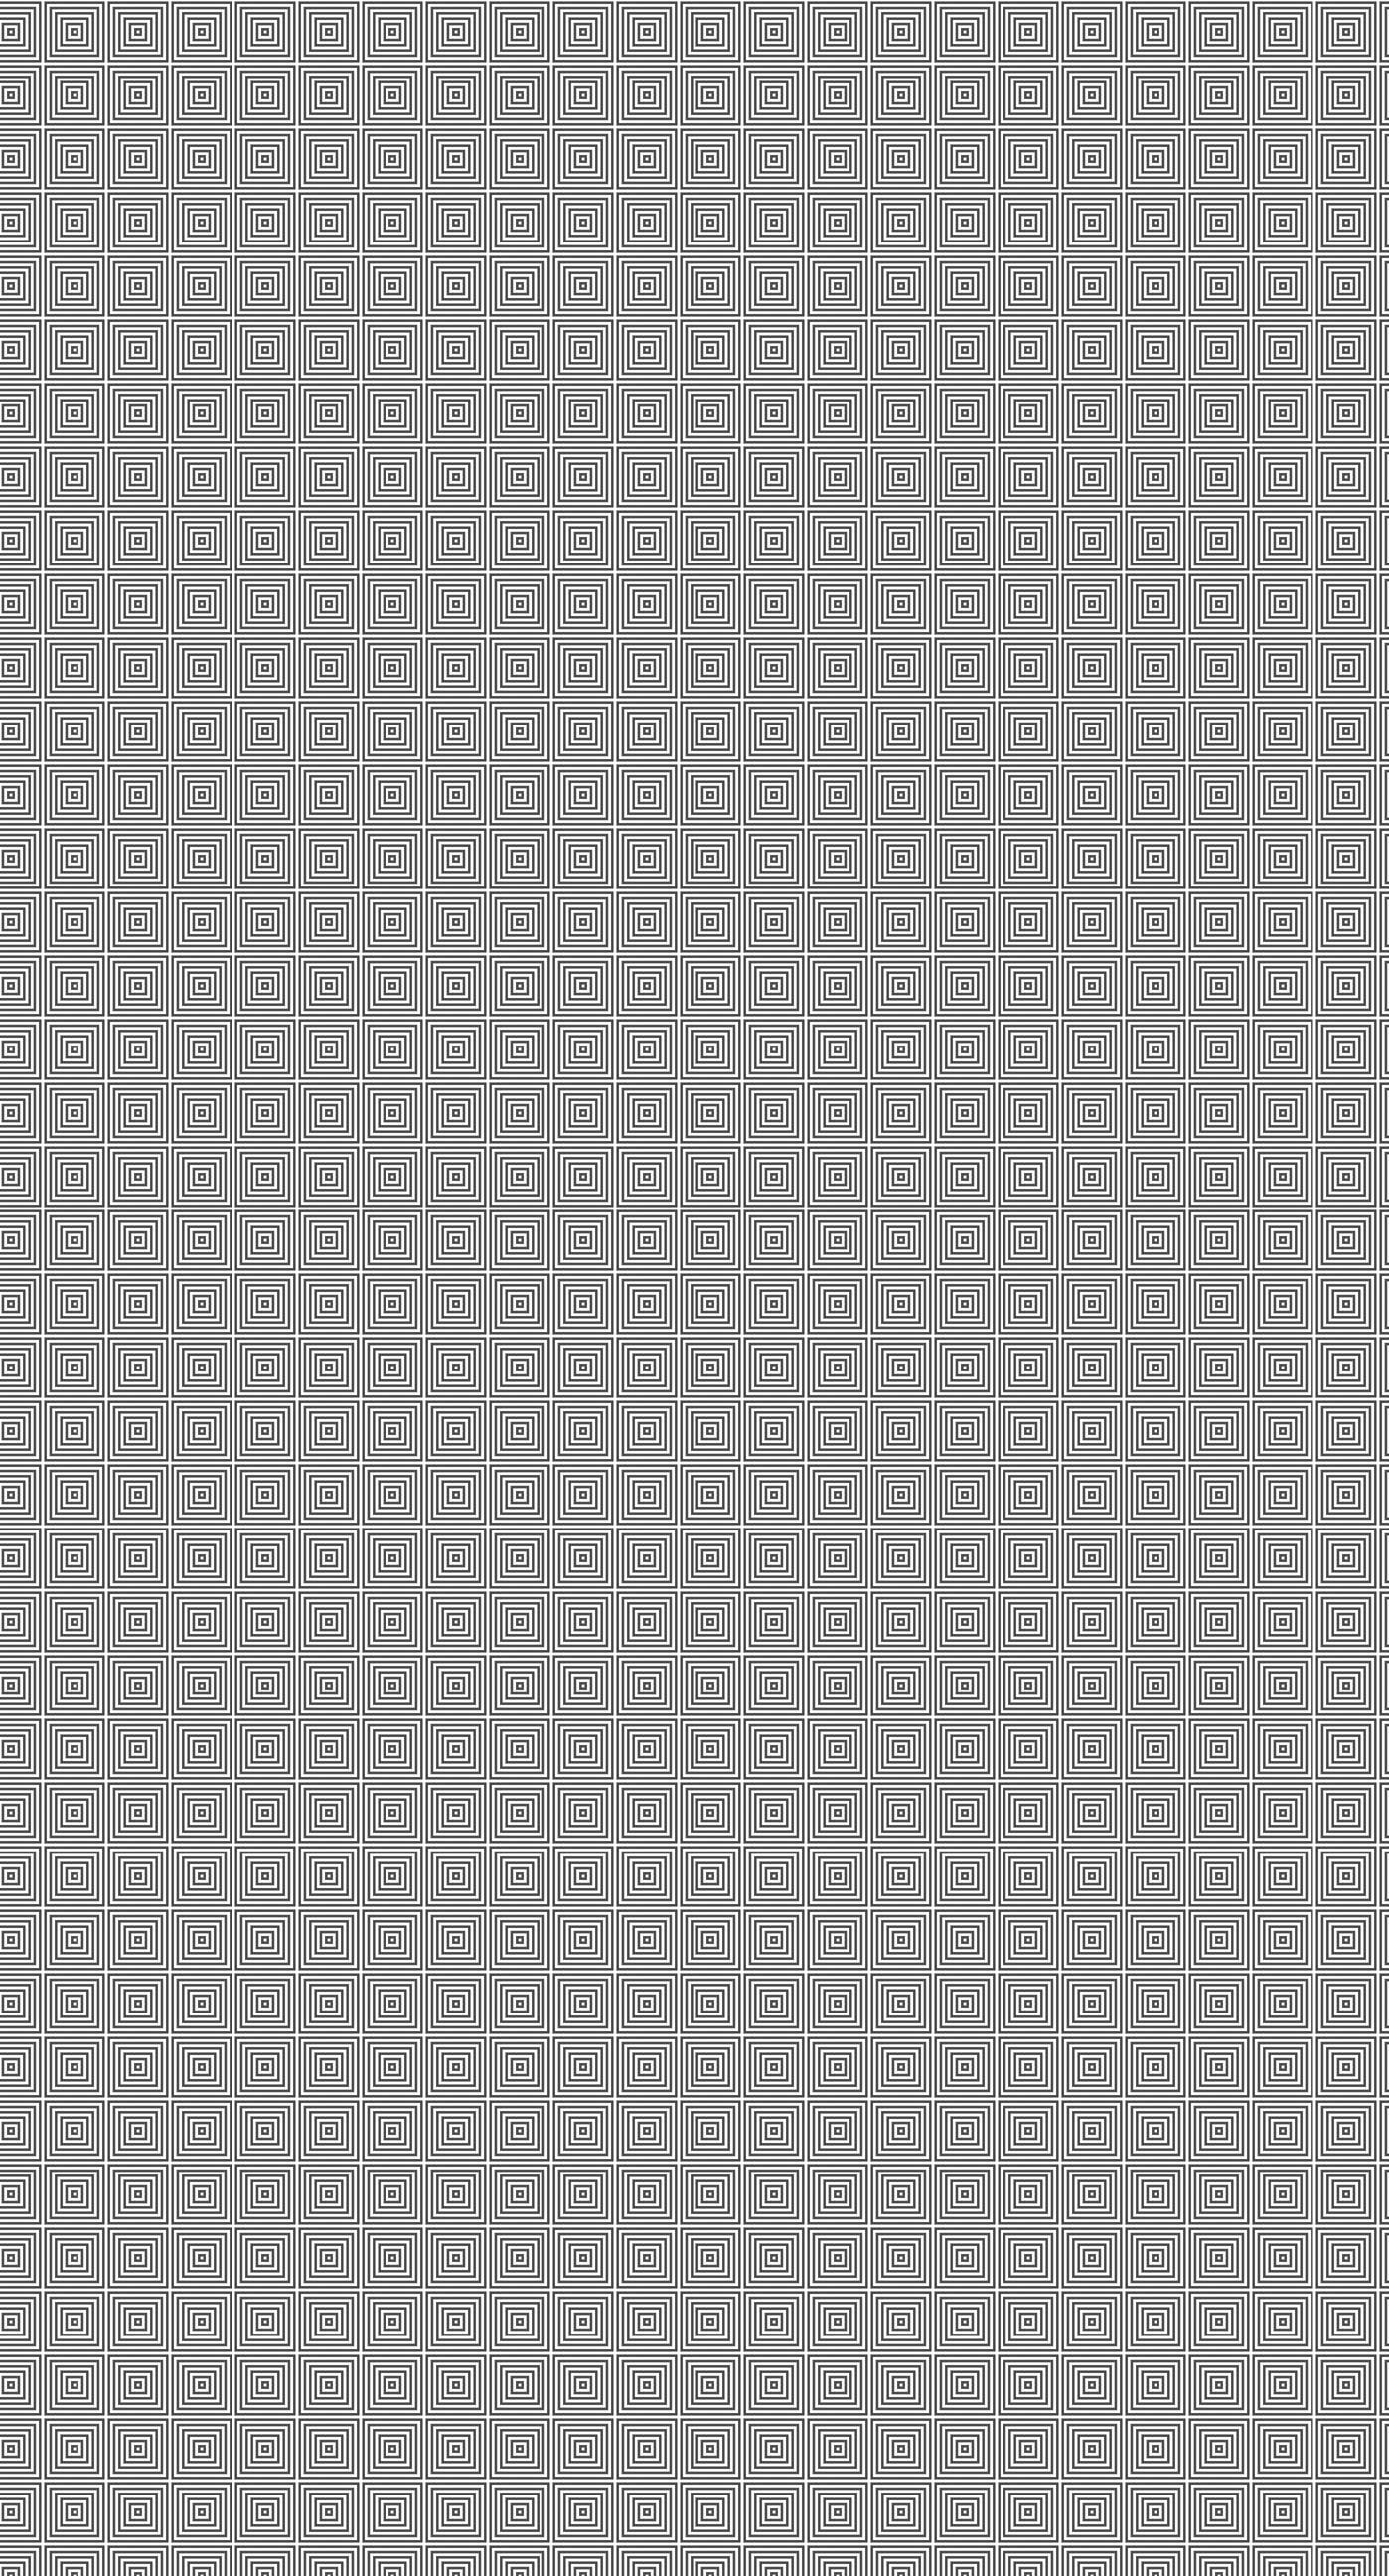 35 Trend Terbaru Background Kotak Kotak Hitam Putih